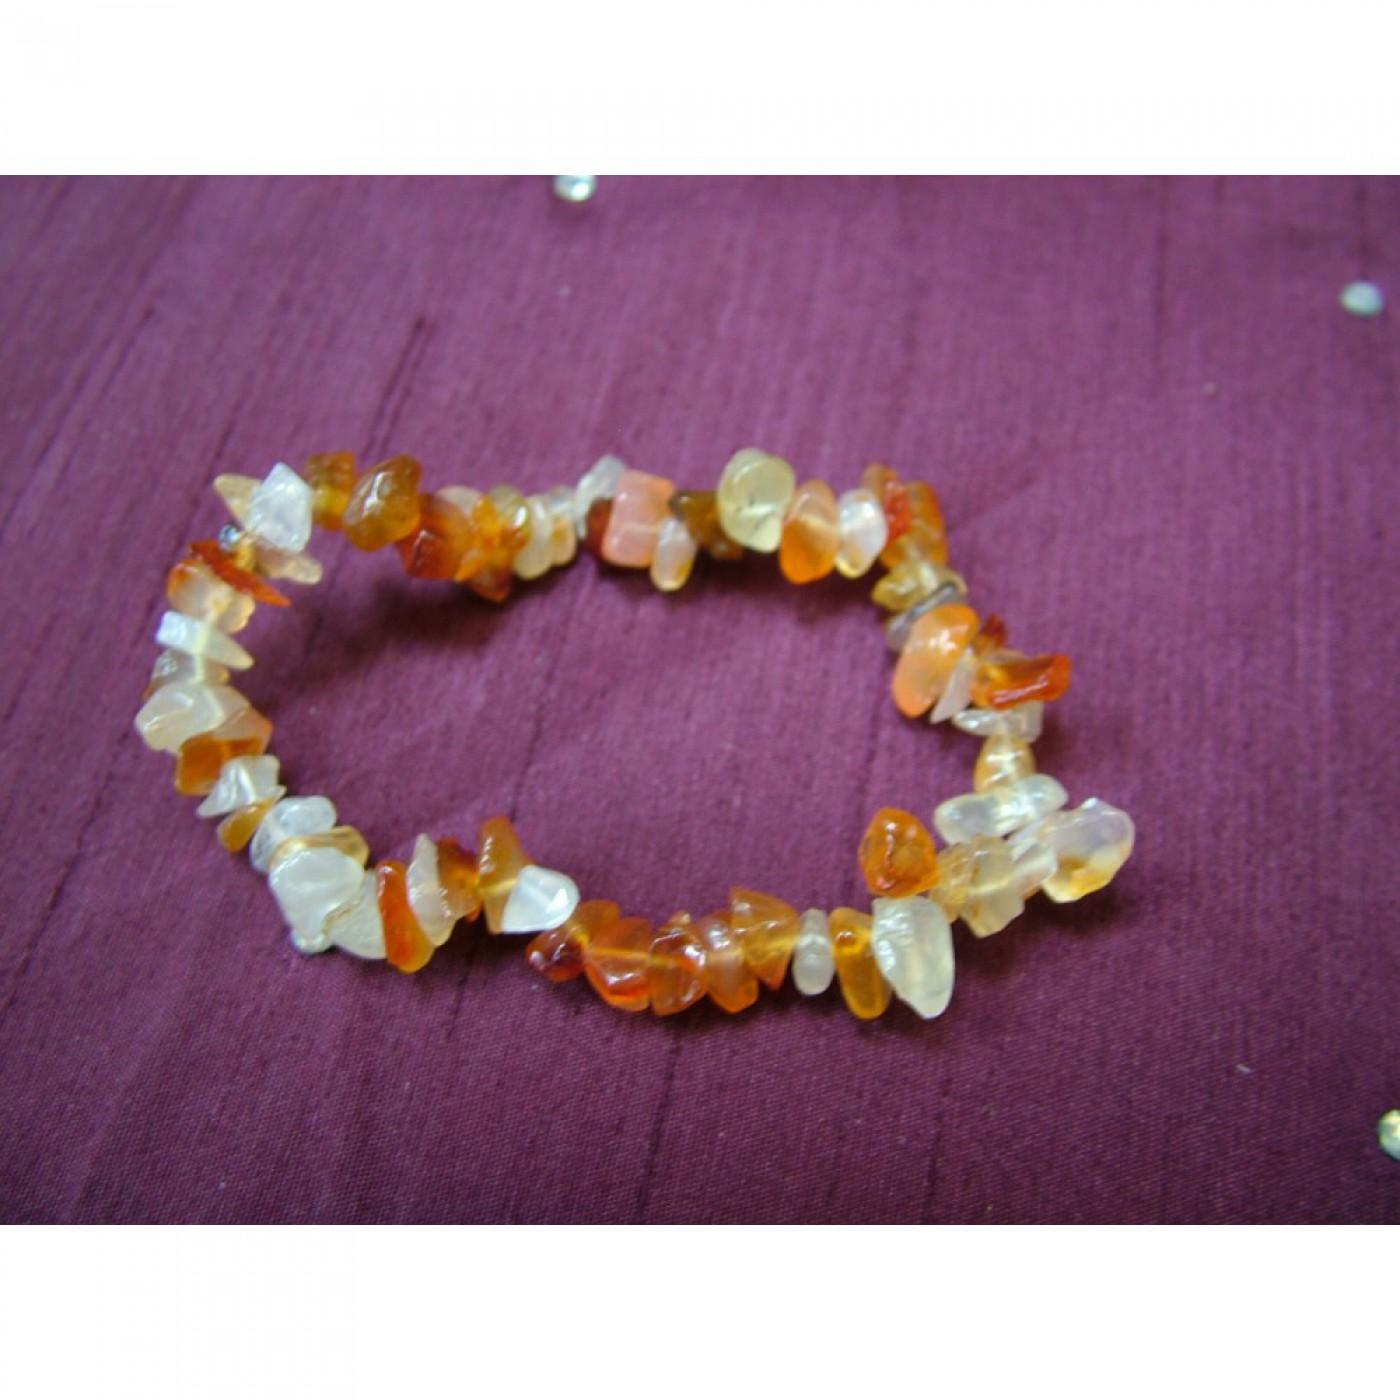 Carnelian Gemchip Bracelet